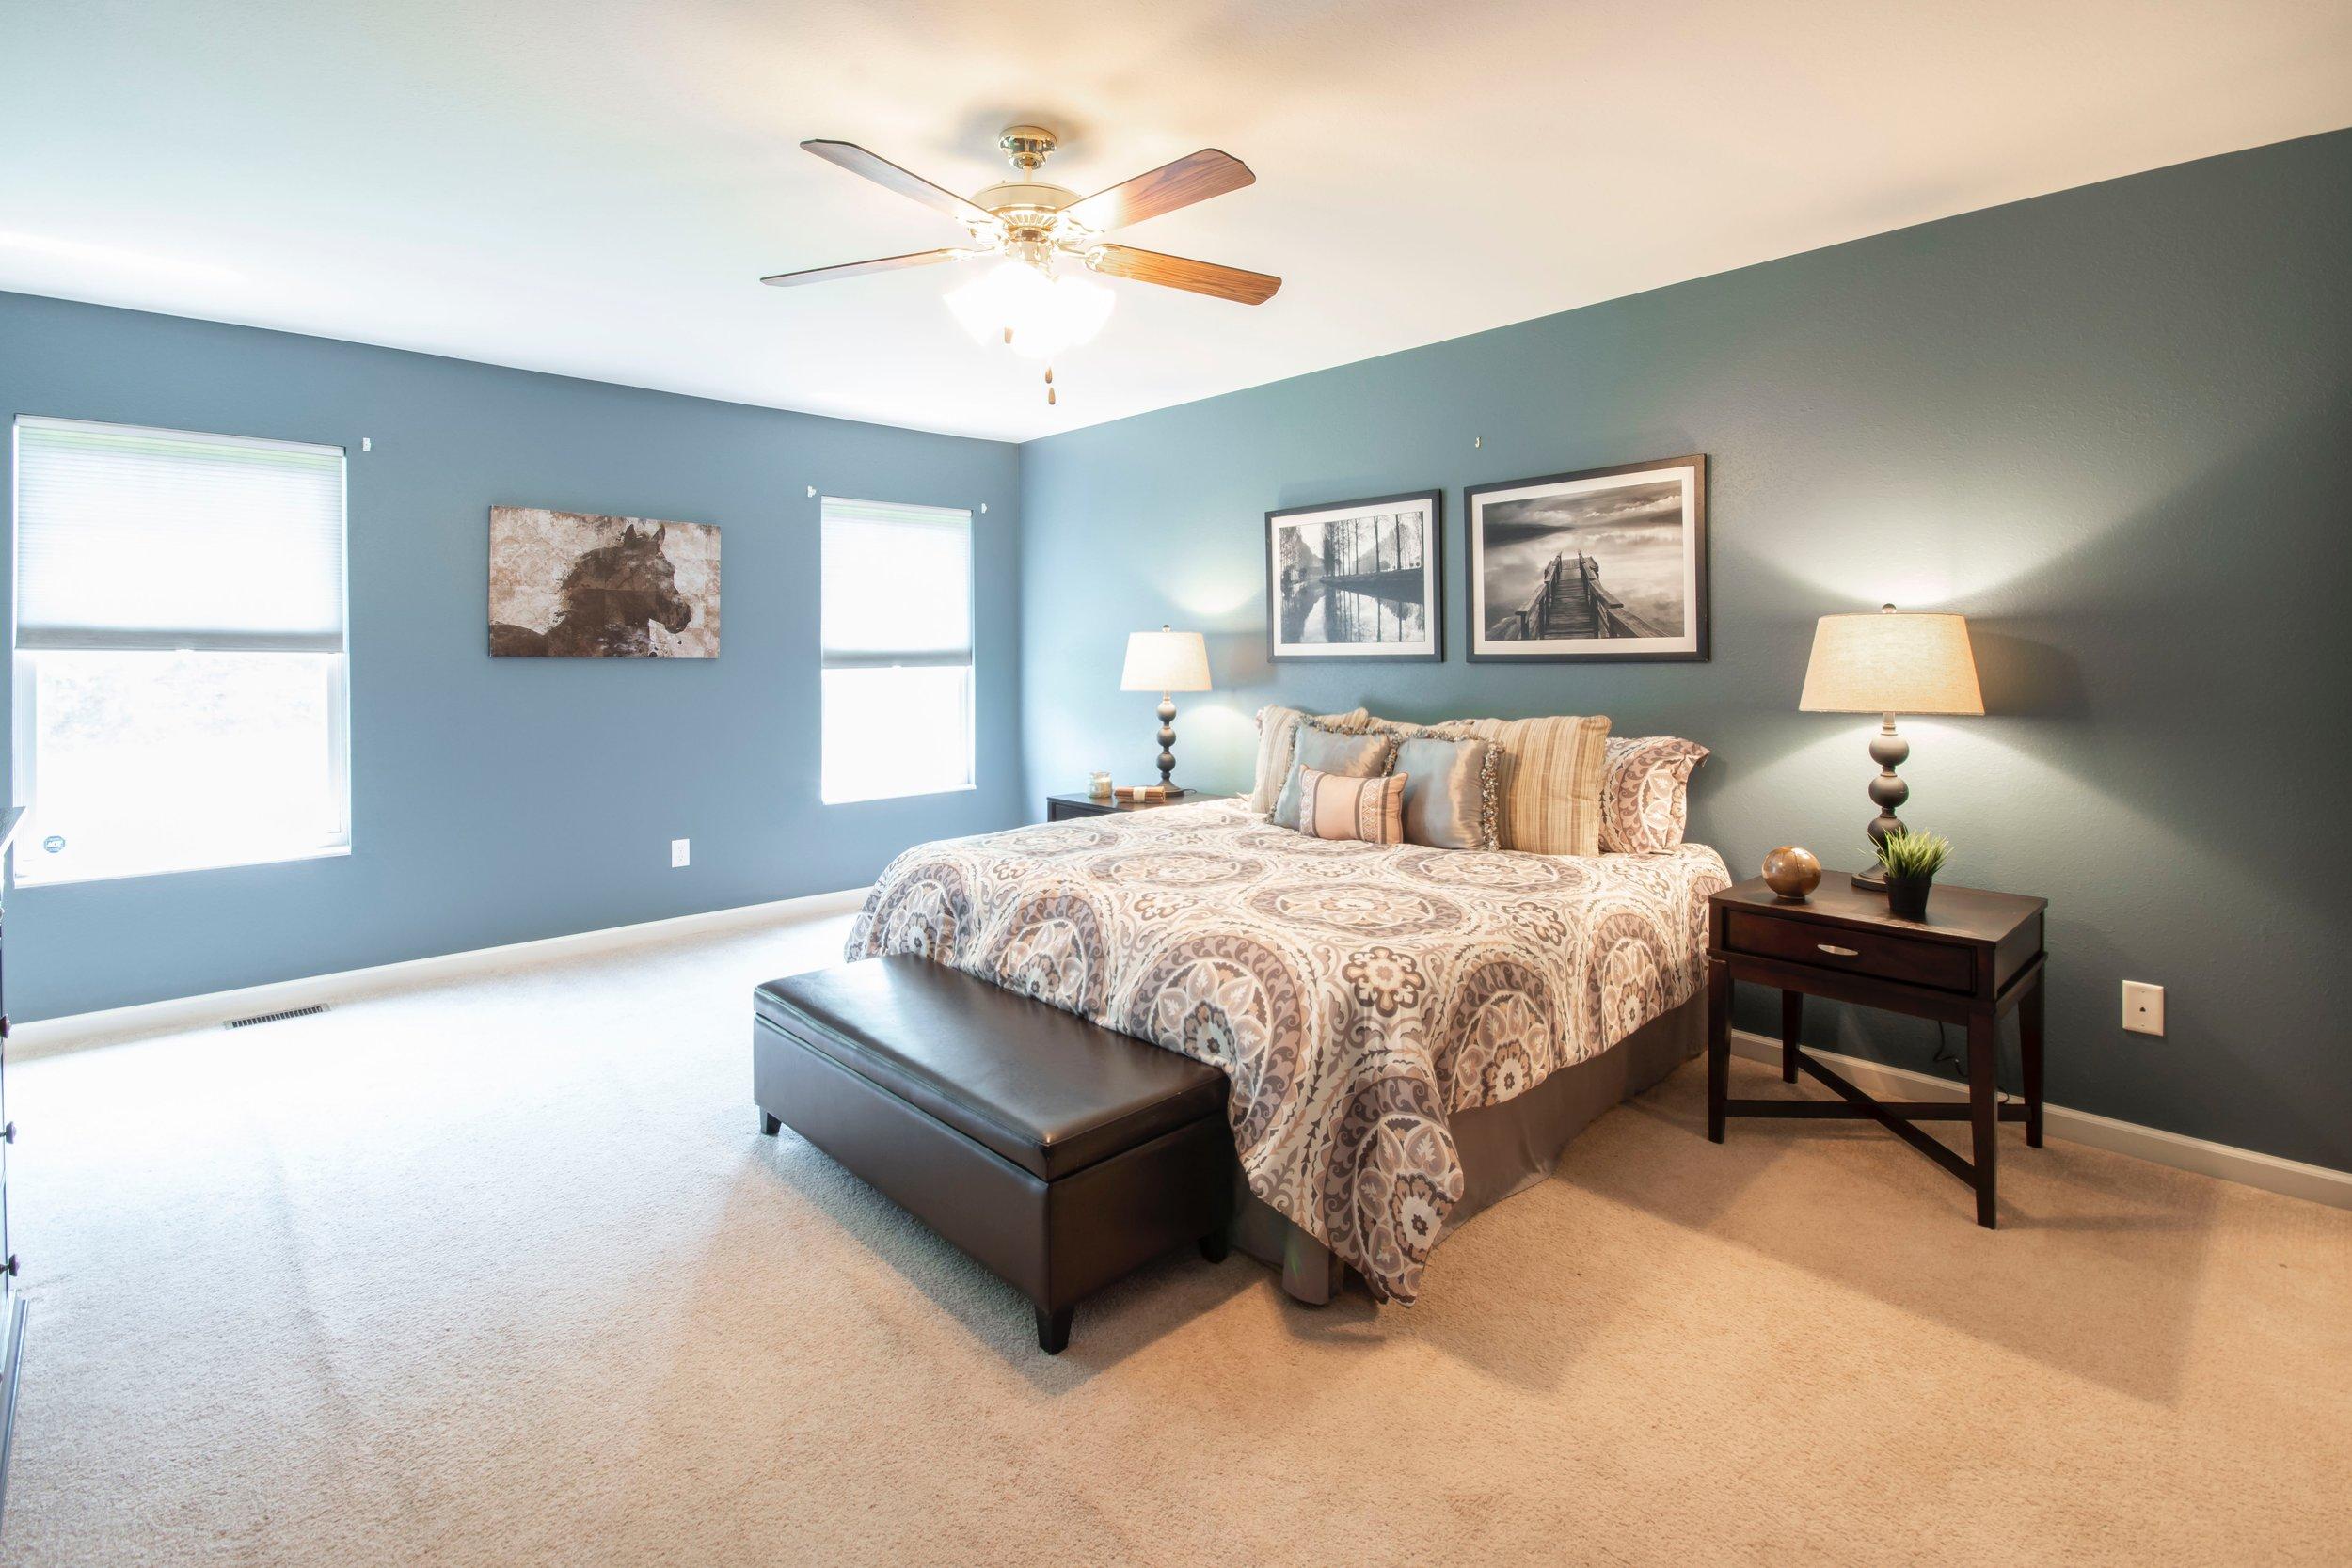 bed-bedroom-ceiling-1864901.jpg